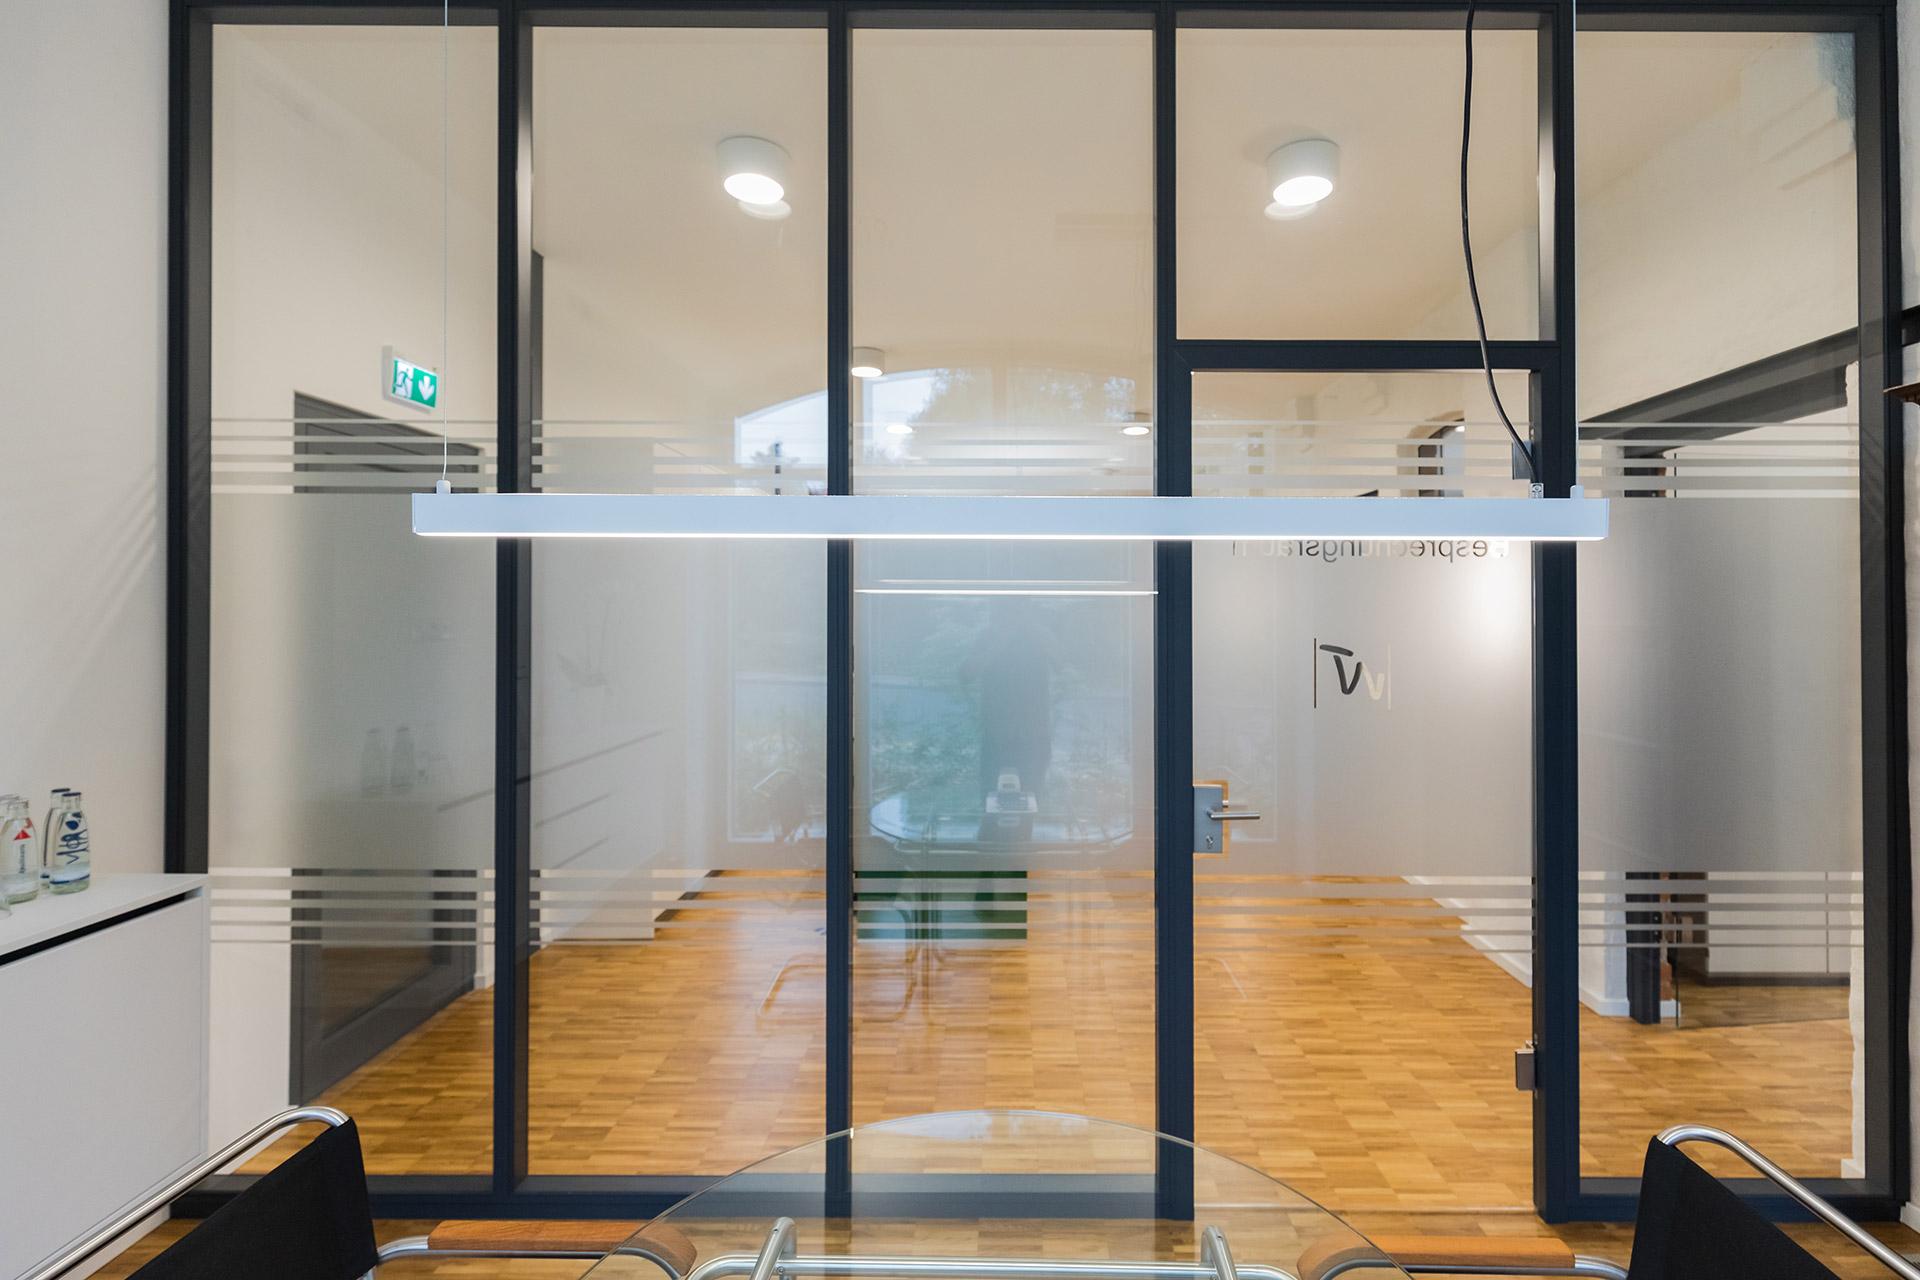 20191024_Park48_Architekten_Wulff-Thaysen_Ratzeburg_00000000040